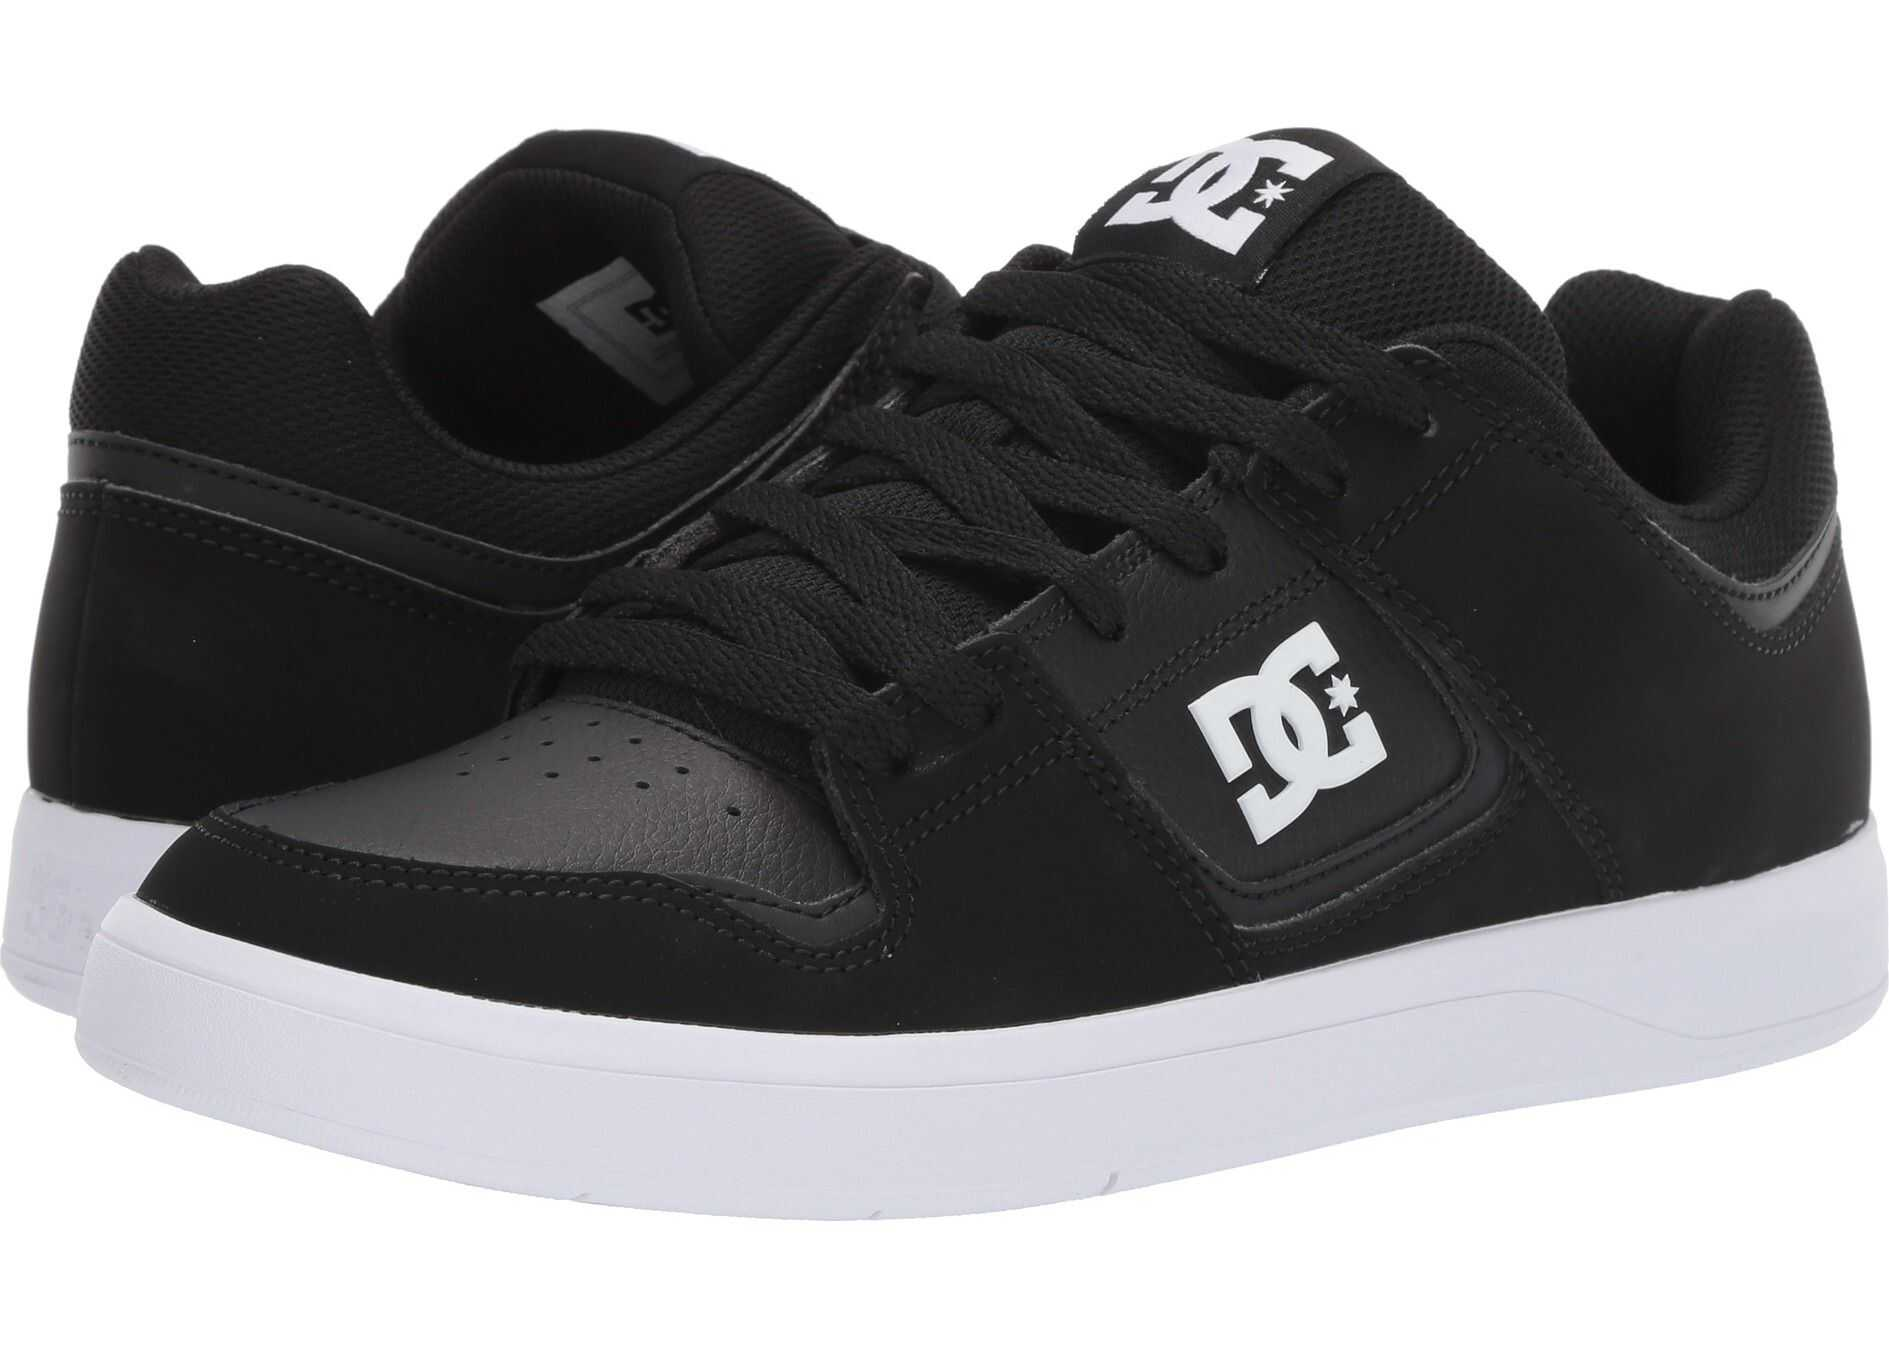 DC DC Shoes Cure Black